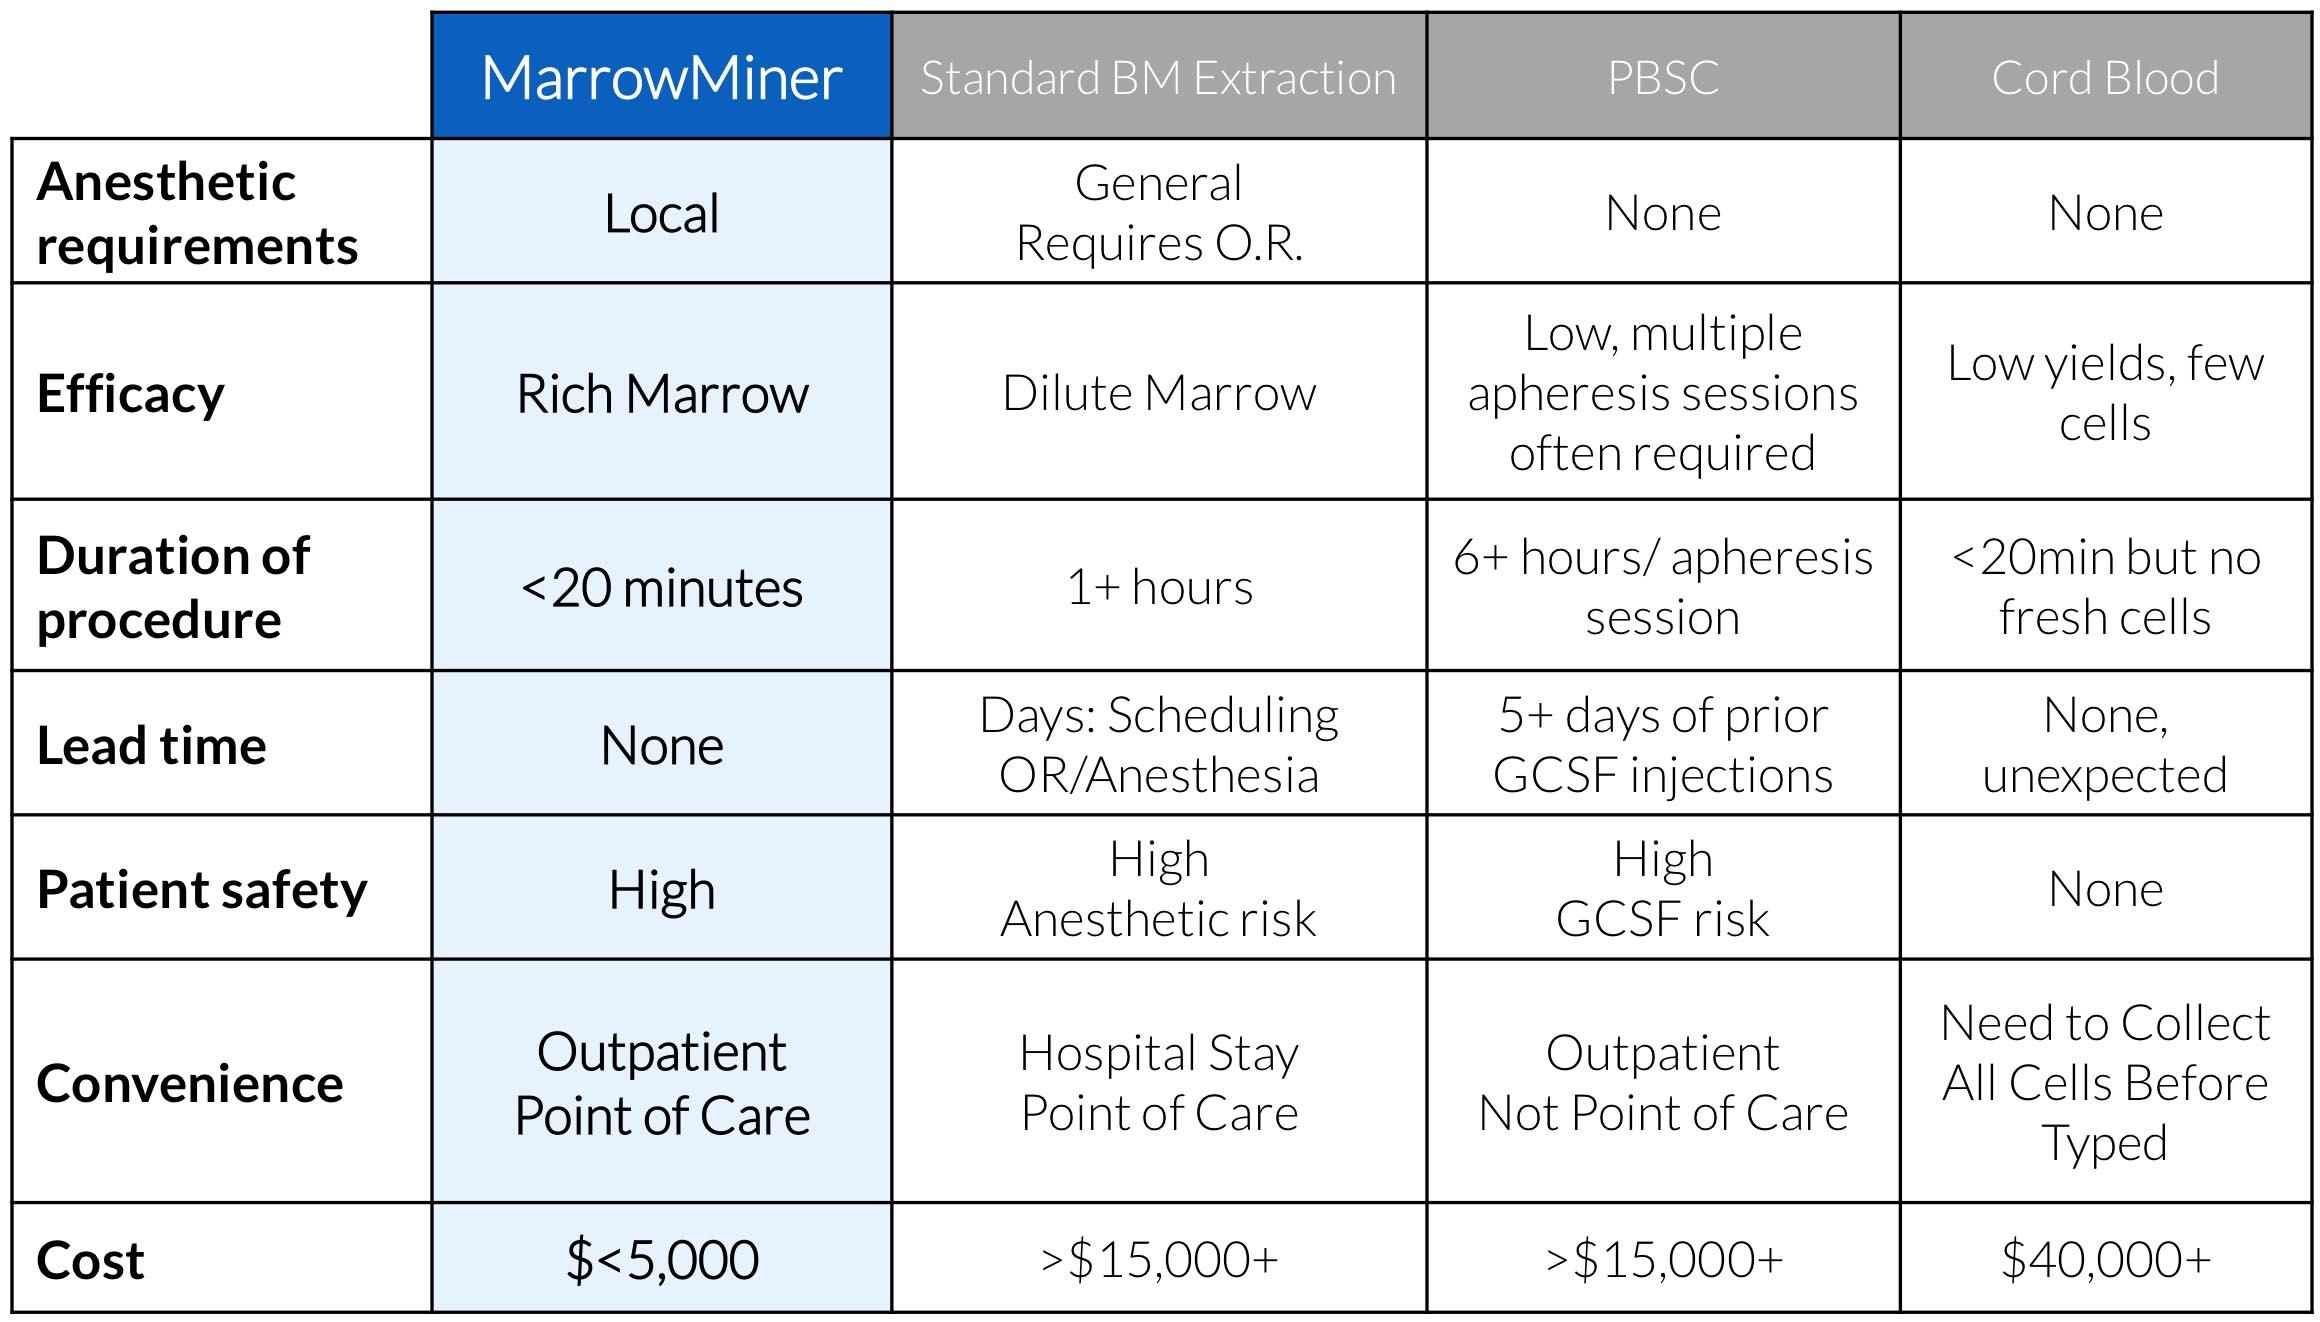 MarrowMinder_Comparison.jpg